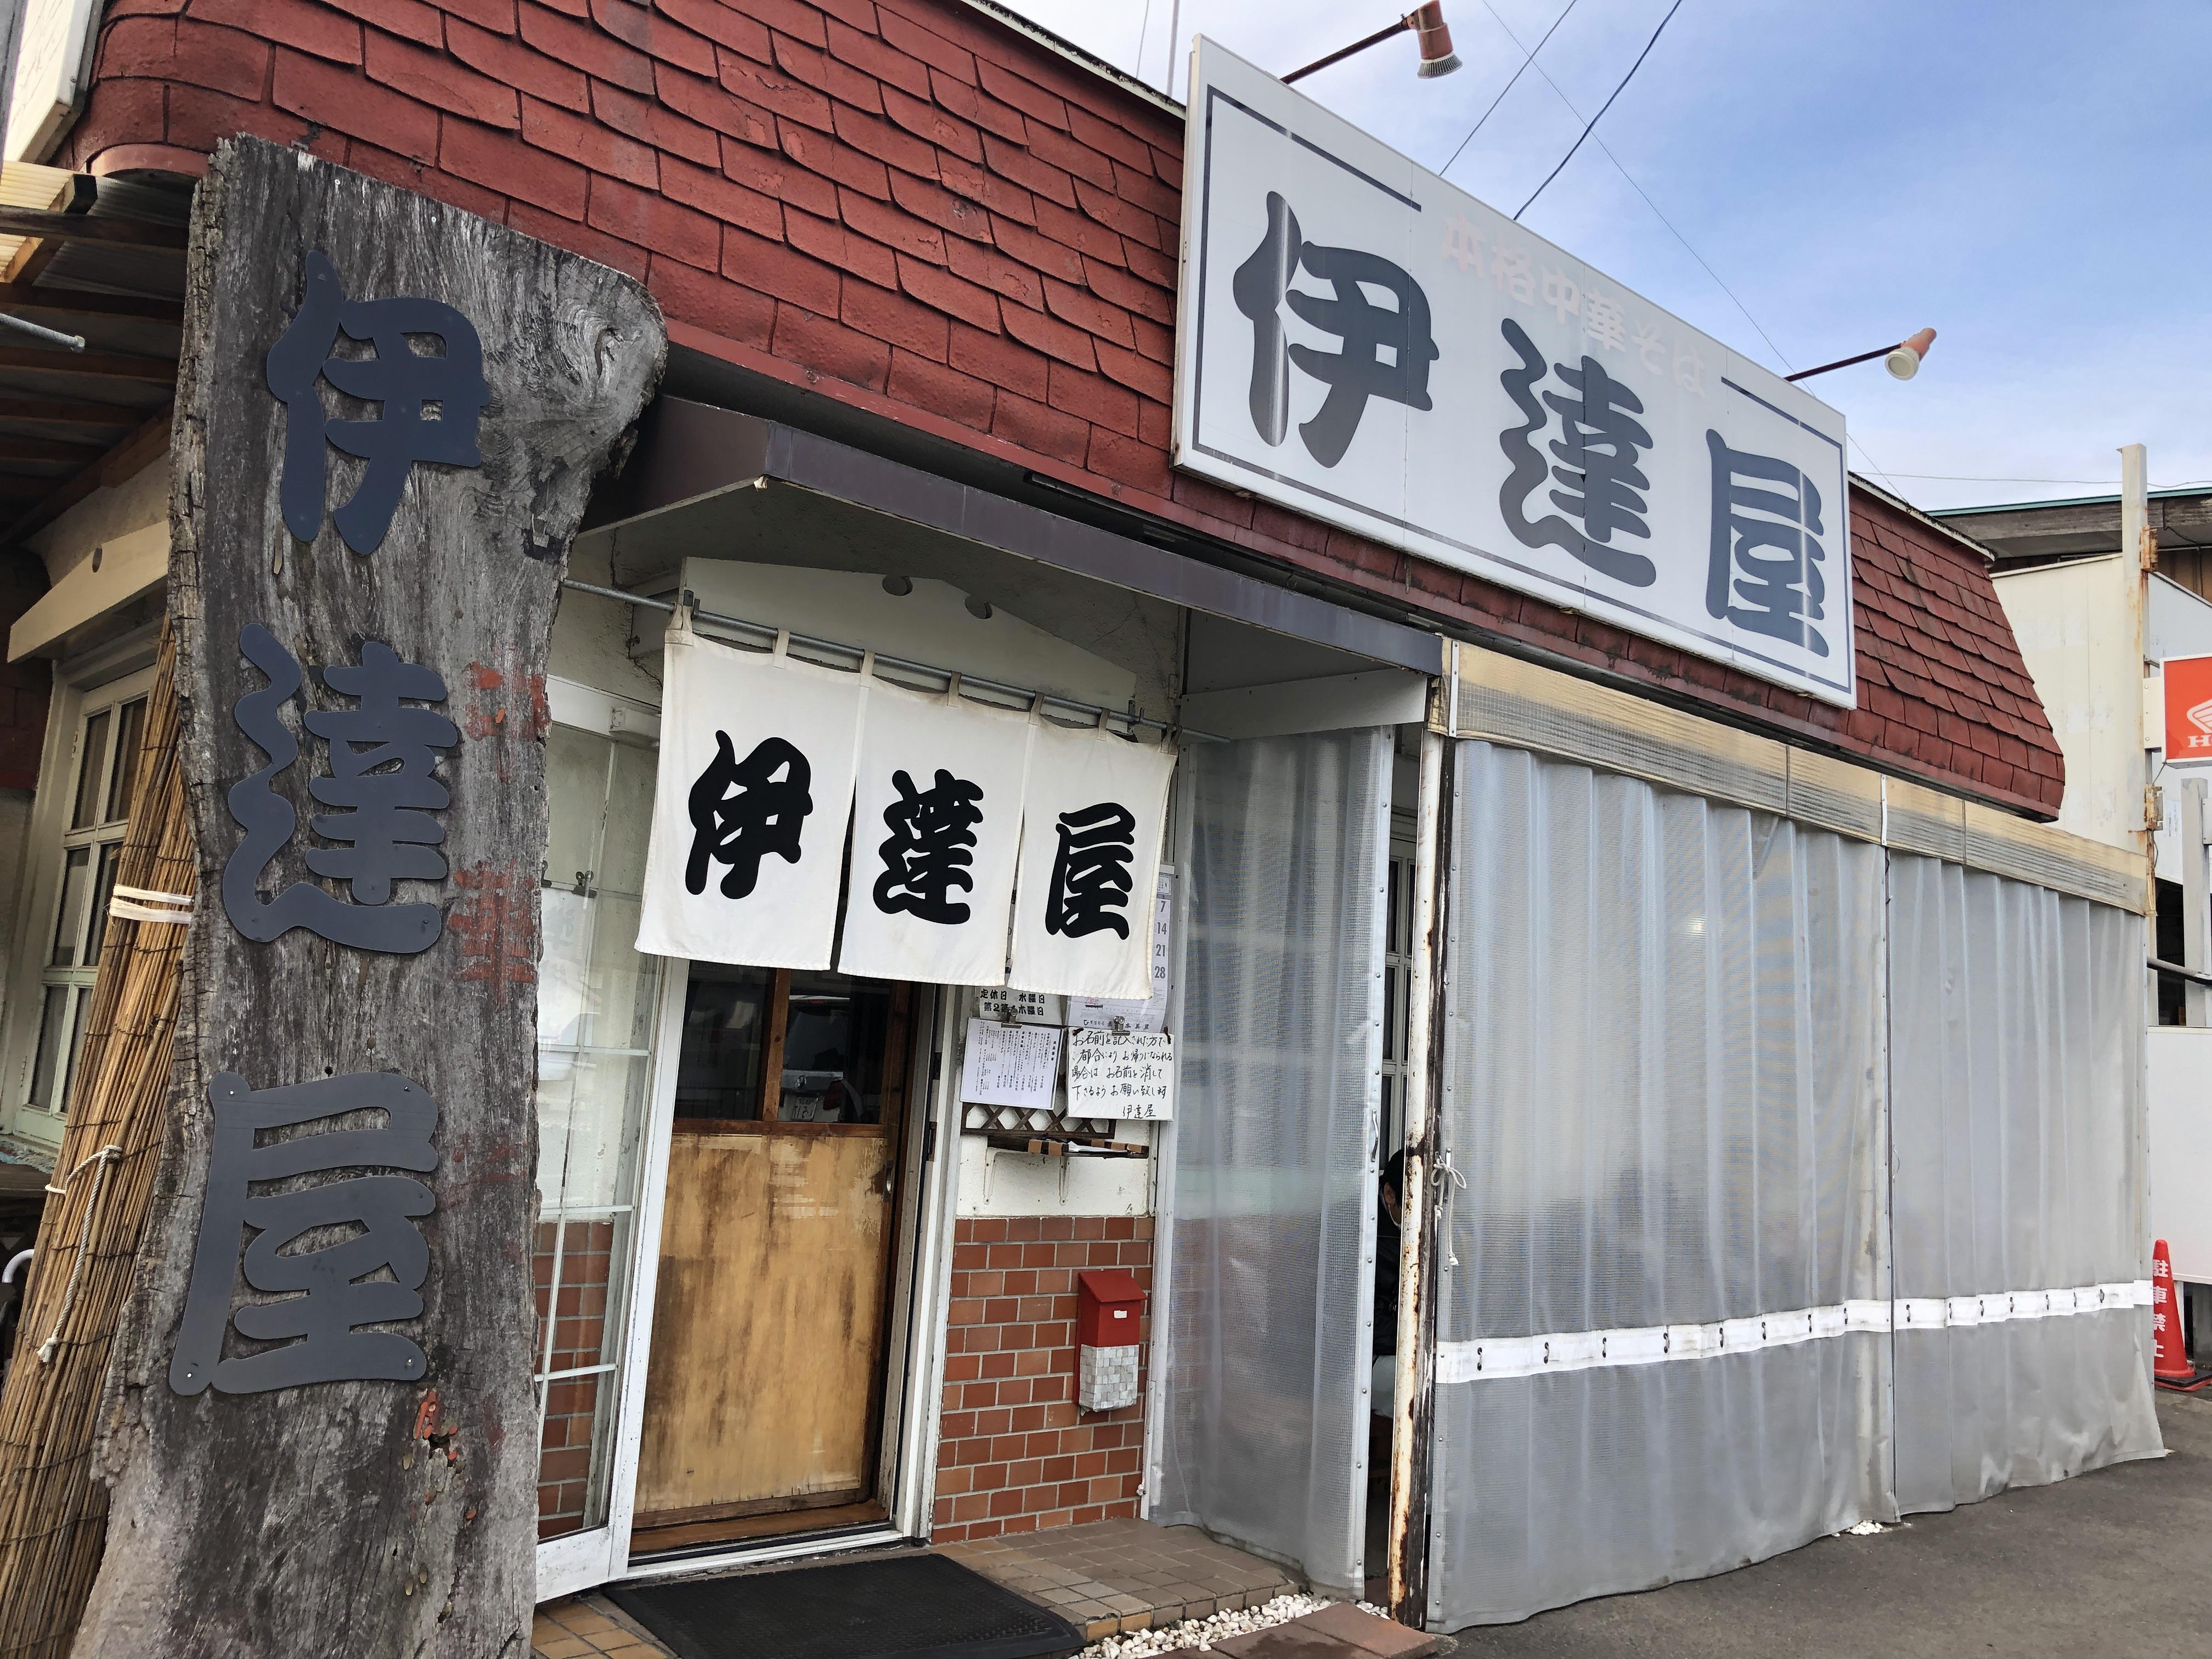 福島県で一番人気のラーメン屋「伊達屋」に行ってきた。